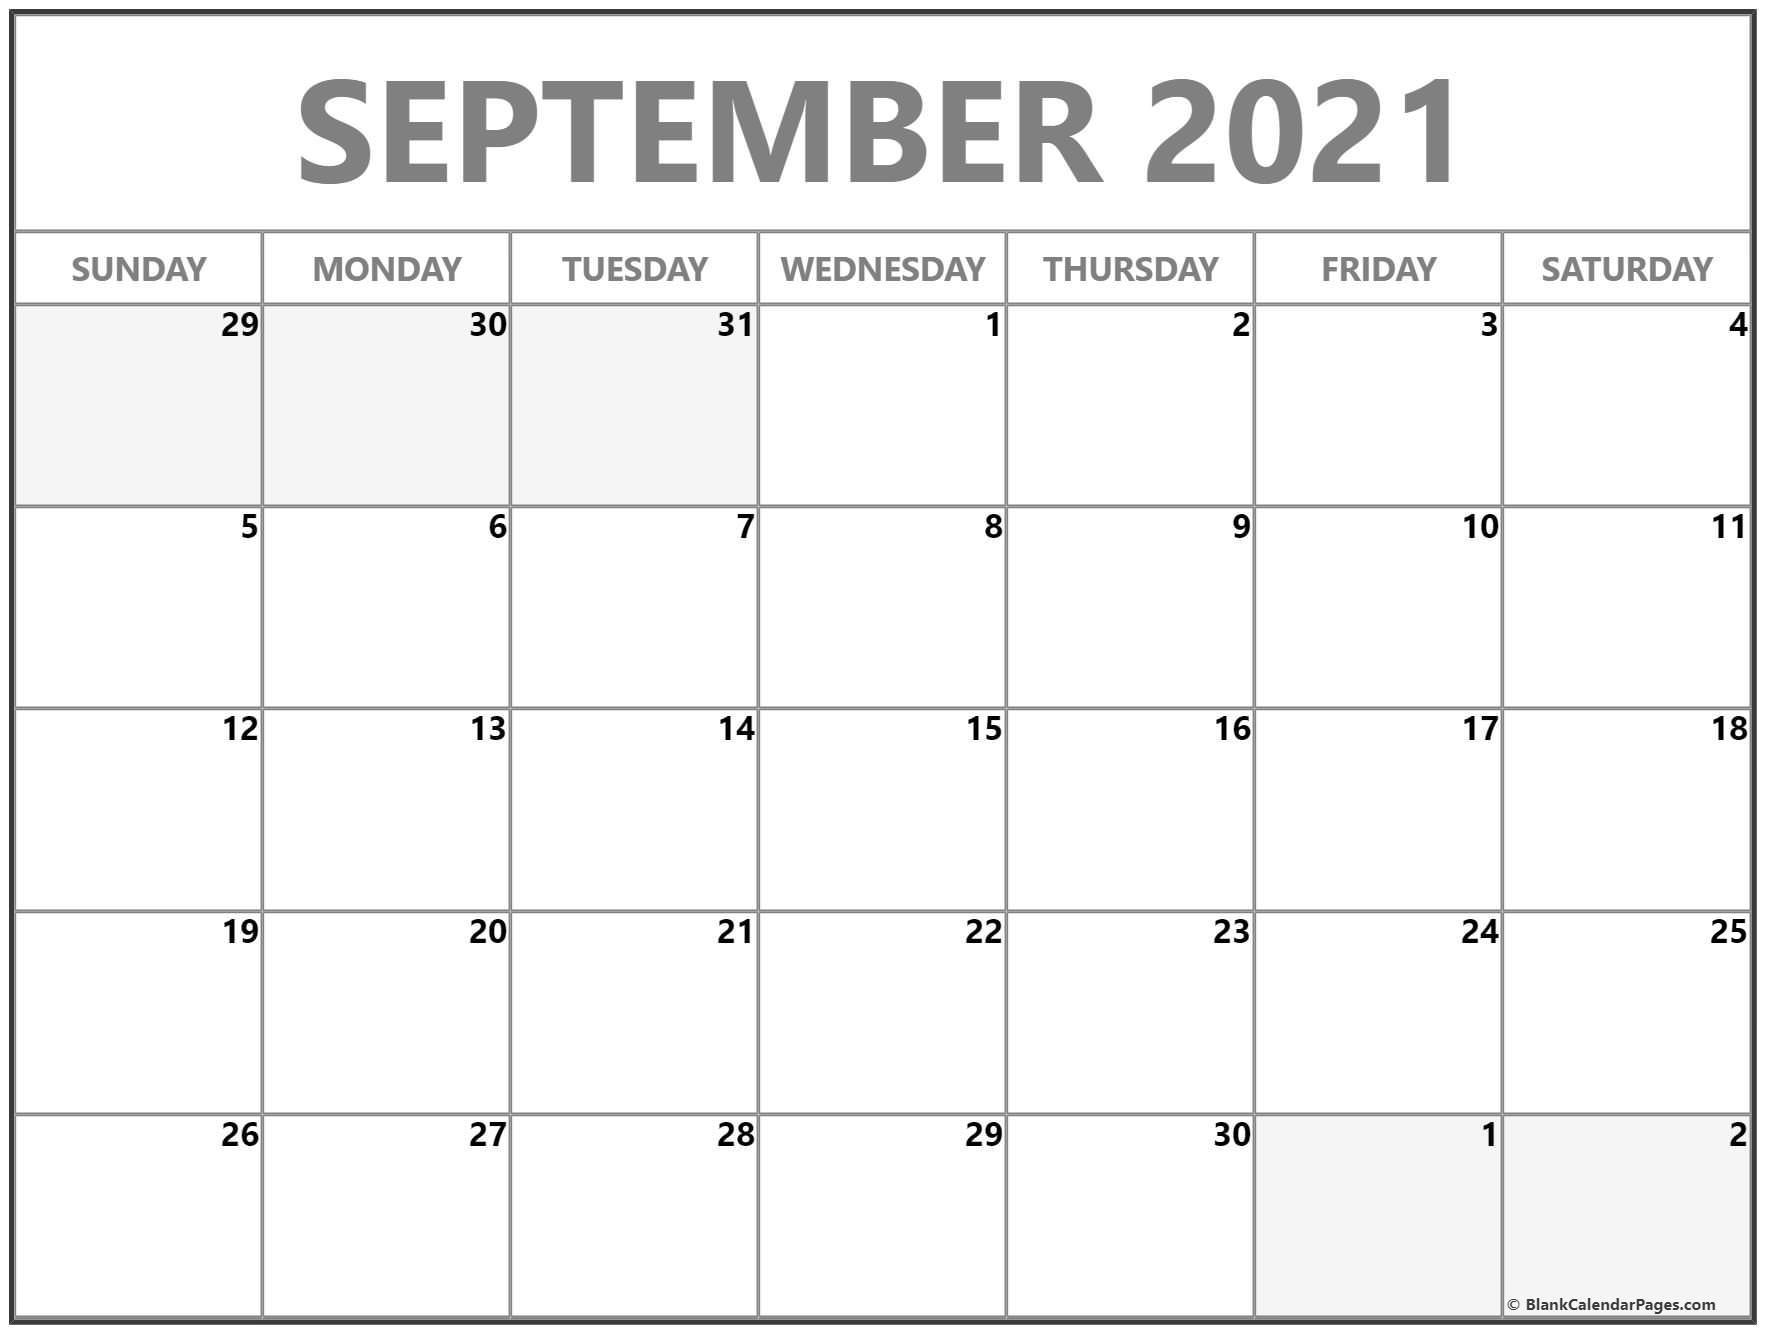 September 2021 Blank Calendar Collection.